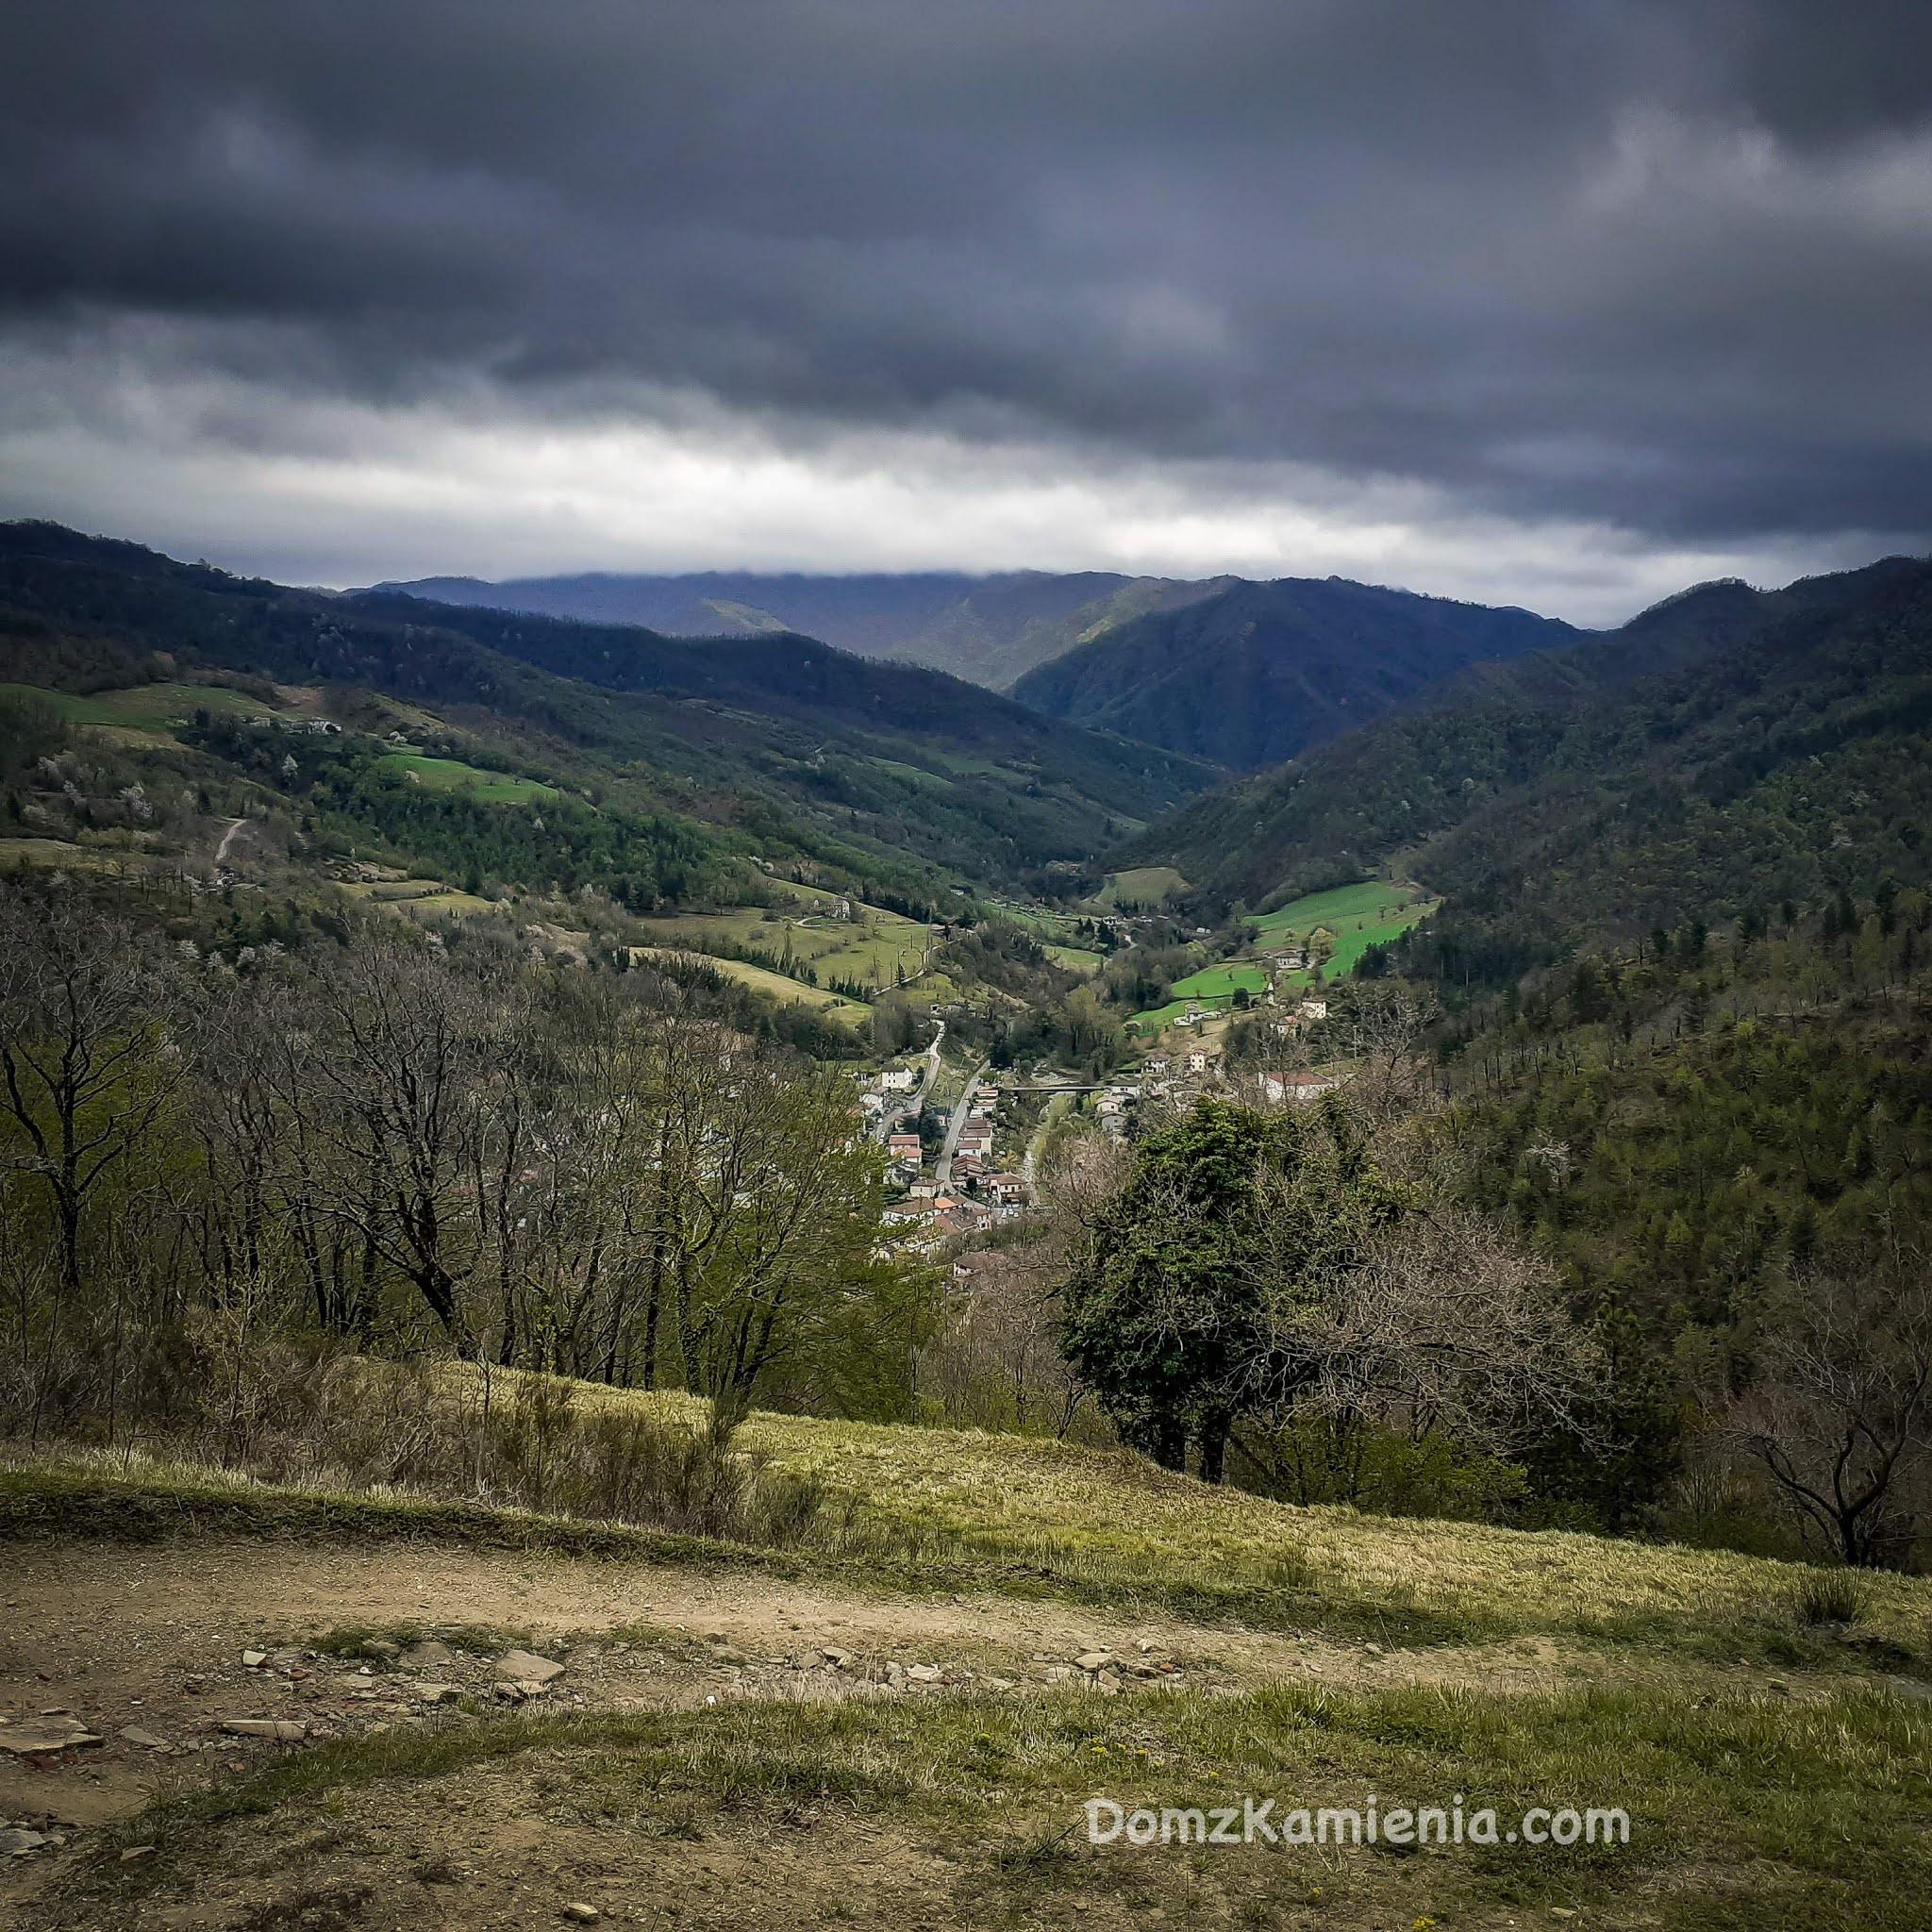 Biforco, Dom z Kamienia blog o życiu w Toskanii.